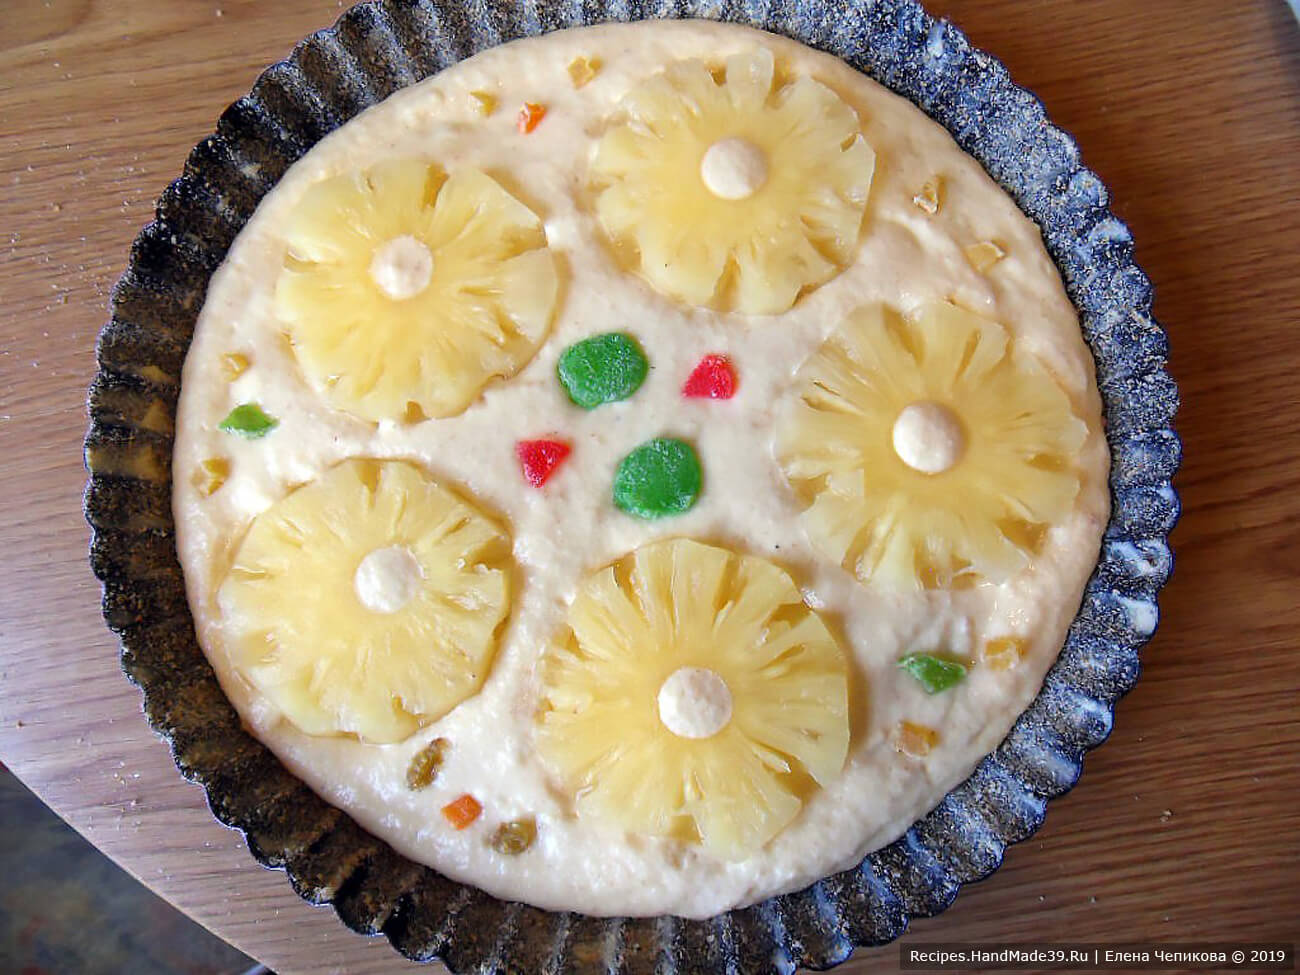 Выложить на тесто кольца ананасов, слегка вдавить в тесто. Дополнительно можно выложить кусочки цукатов, мармелад